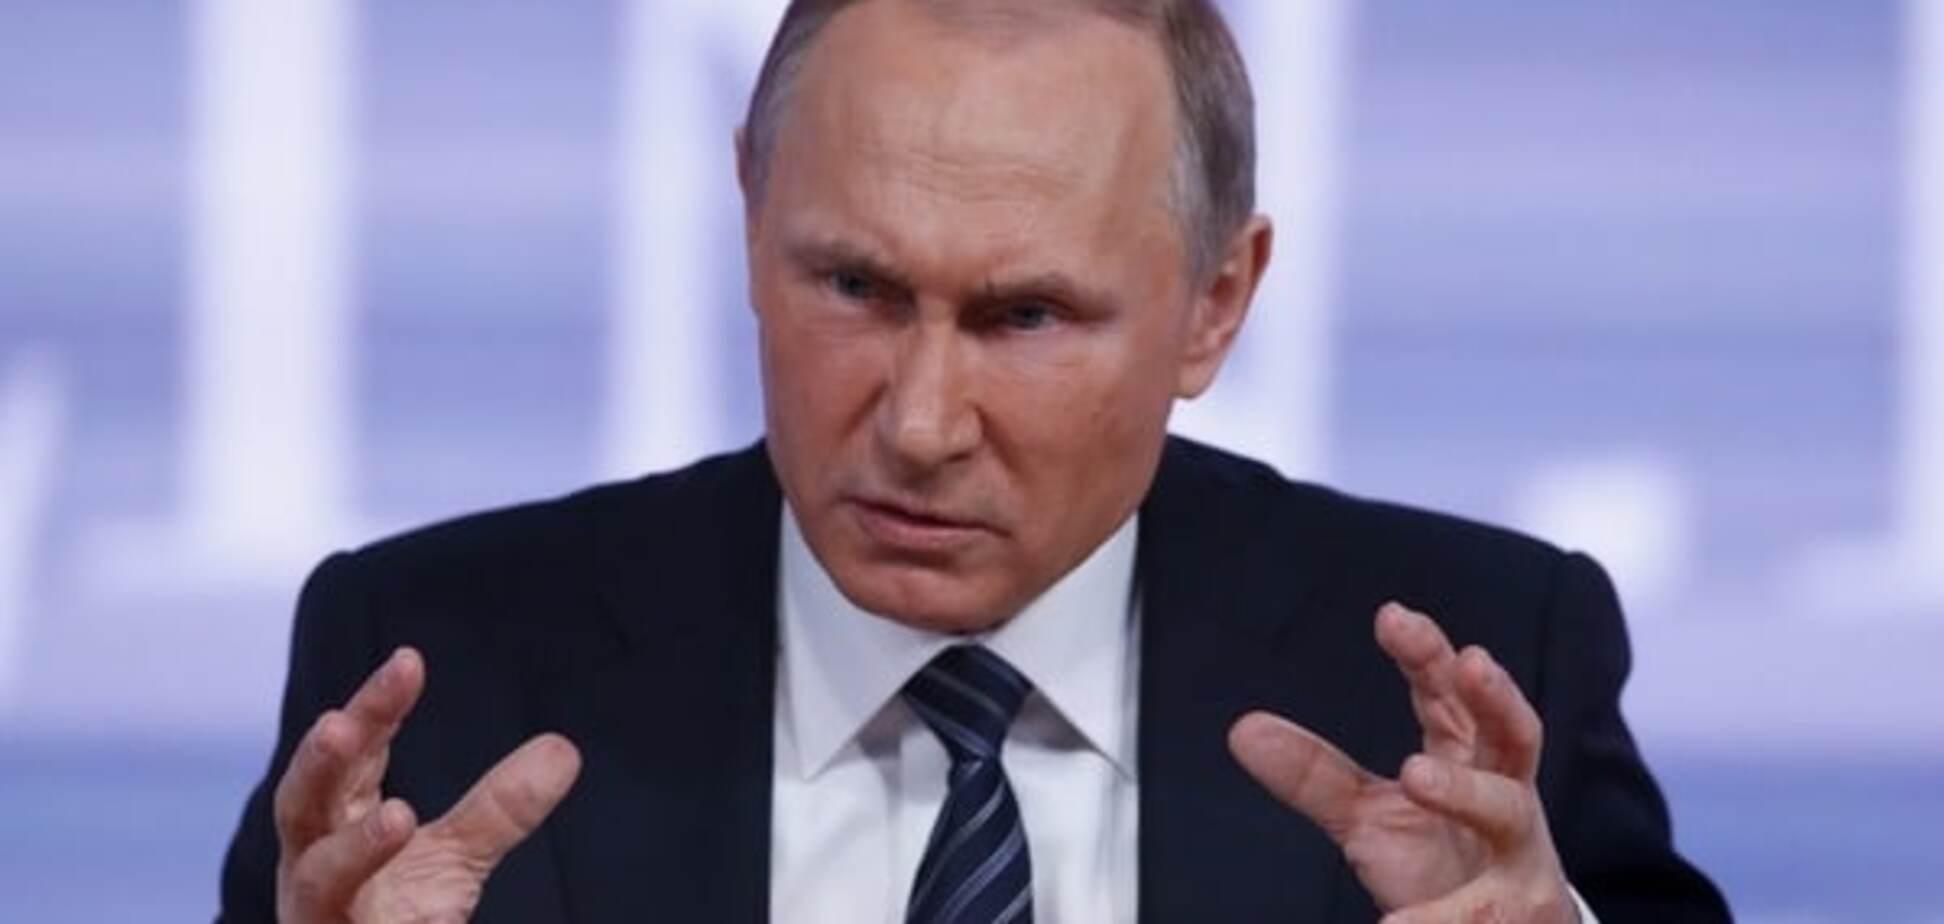 Вбивство Литвиненка: Путіну загрожує екстрадиція і арешт - Боровий